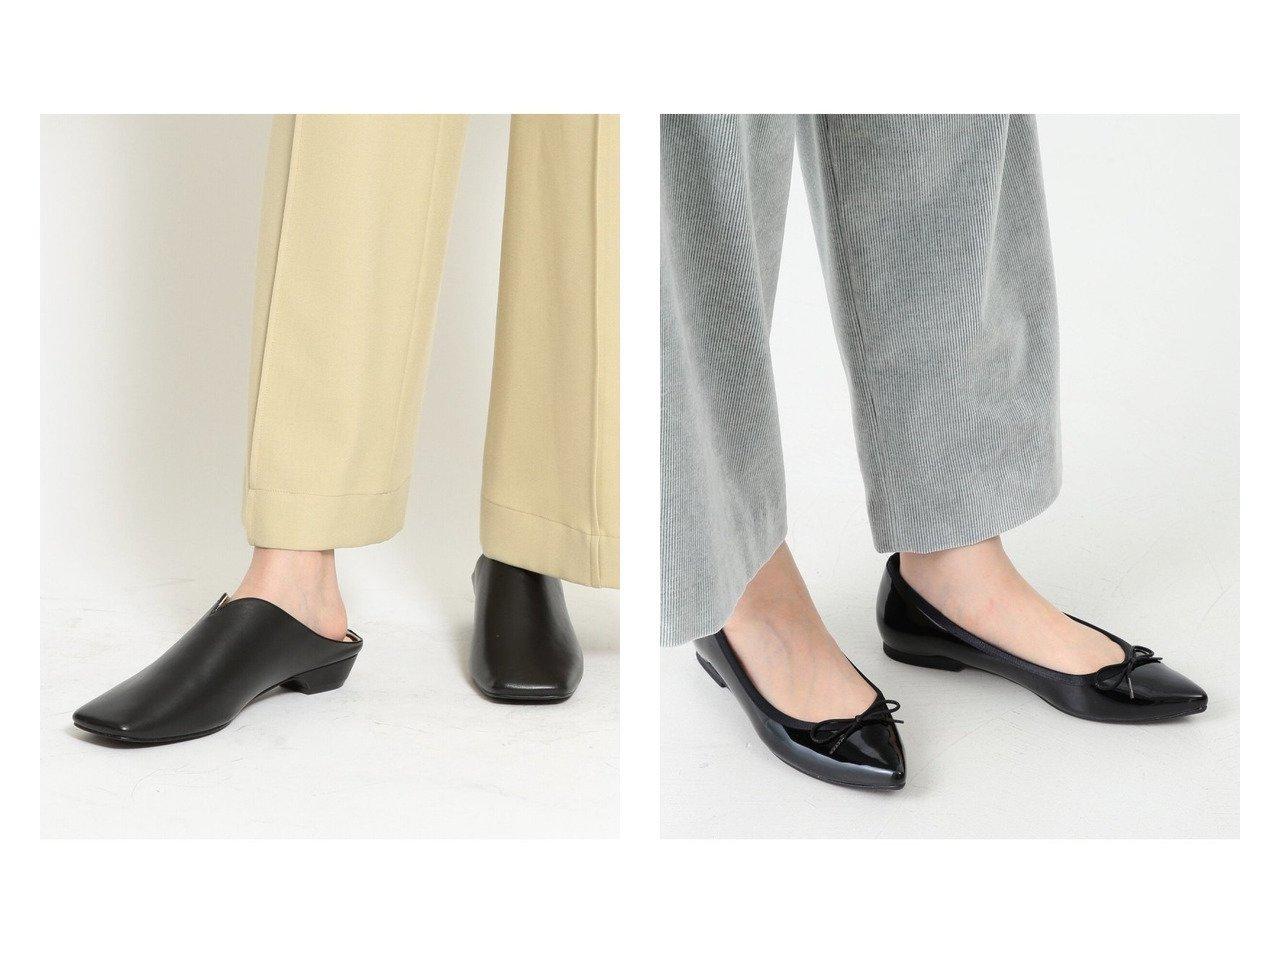 【Ray BEAMS/レイ ビームス】のポインテッド バレエシューズ&MOHI × 別注 スクエア ミュール シューズ・靴のおすすめ!人気、トレンド・レディースファッションの通販 おすすめで人気の流行・トレンド、ファッションの通販商品 メンズファッション・キッズファッション・インテリア・家具・レディースファッション・服の通販 founy(ファニー) https://founy.com/ ファッション Fashion レディースファッション WOMEN インソール エナメル クッション シューズ スニーカー スリッポン バランス バレエ パイピング フラット ポインテッド リボン 人気 NEW・新作・新着・新入荷 New Arrivals ジュート スクエア スマート フォルム ボトム ミュール 別注 |ID:crp329100000013681